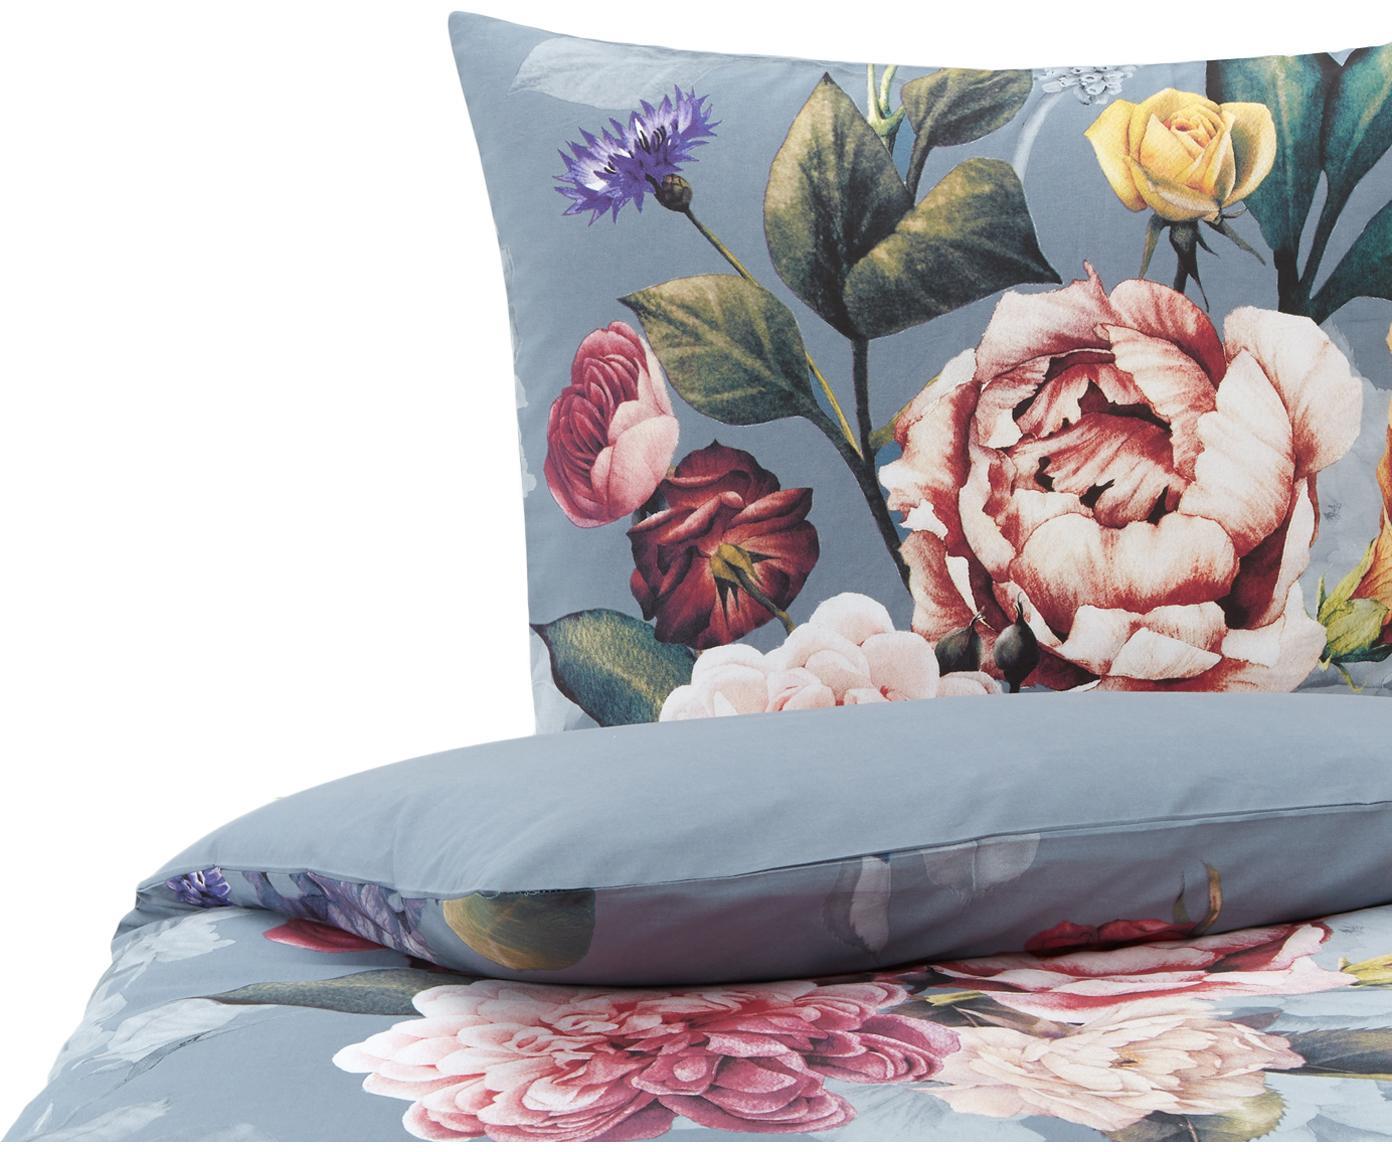 Bettwäsche Nysted mit Blumenprint, 100% Baumwolle Bettwäsche aus Baumwolle fühlt sich auf der Haut angenehm weich an, nimmt Feuchtigkeit gut auf und eignet sich für Allergiker., Grau, Mehrfarbig, 135 x 200 cm + 1 Kissen 80 x 80 cm